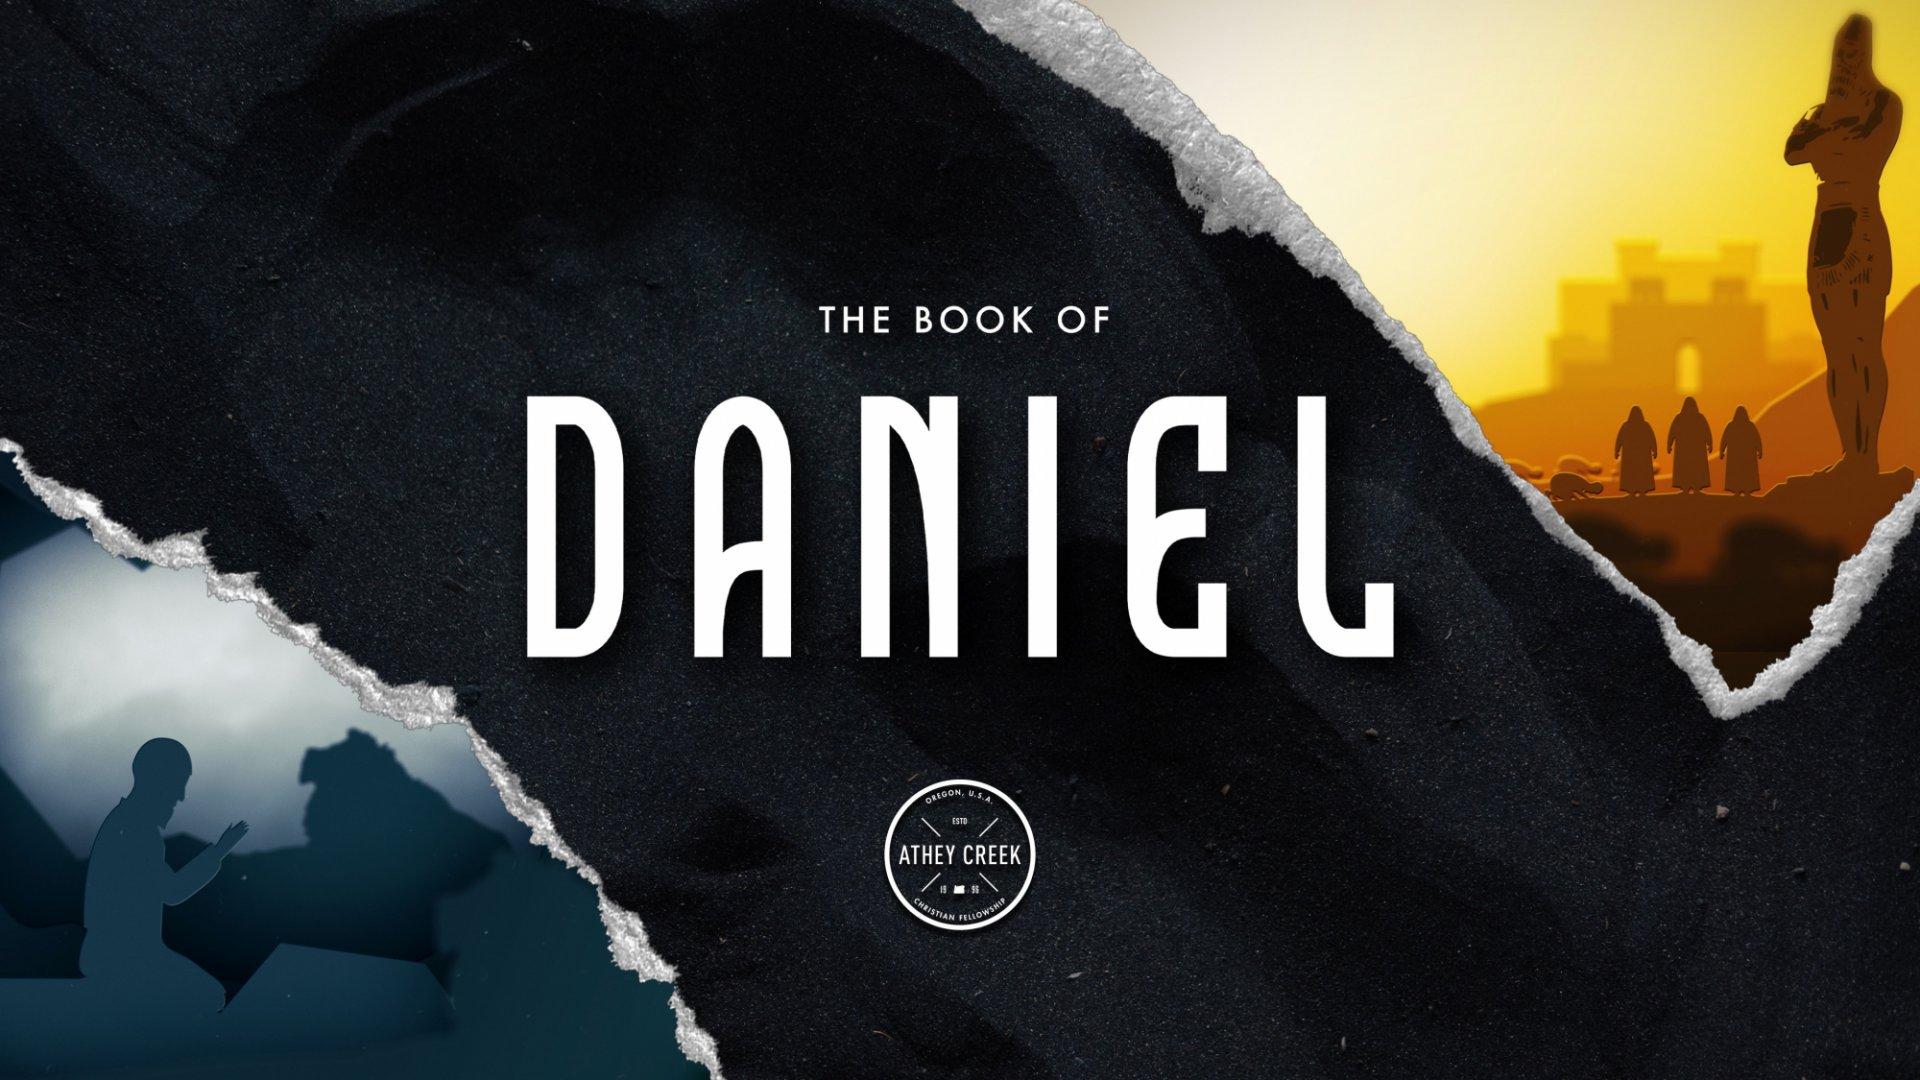 Teaching artwork for Daniel